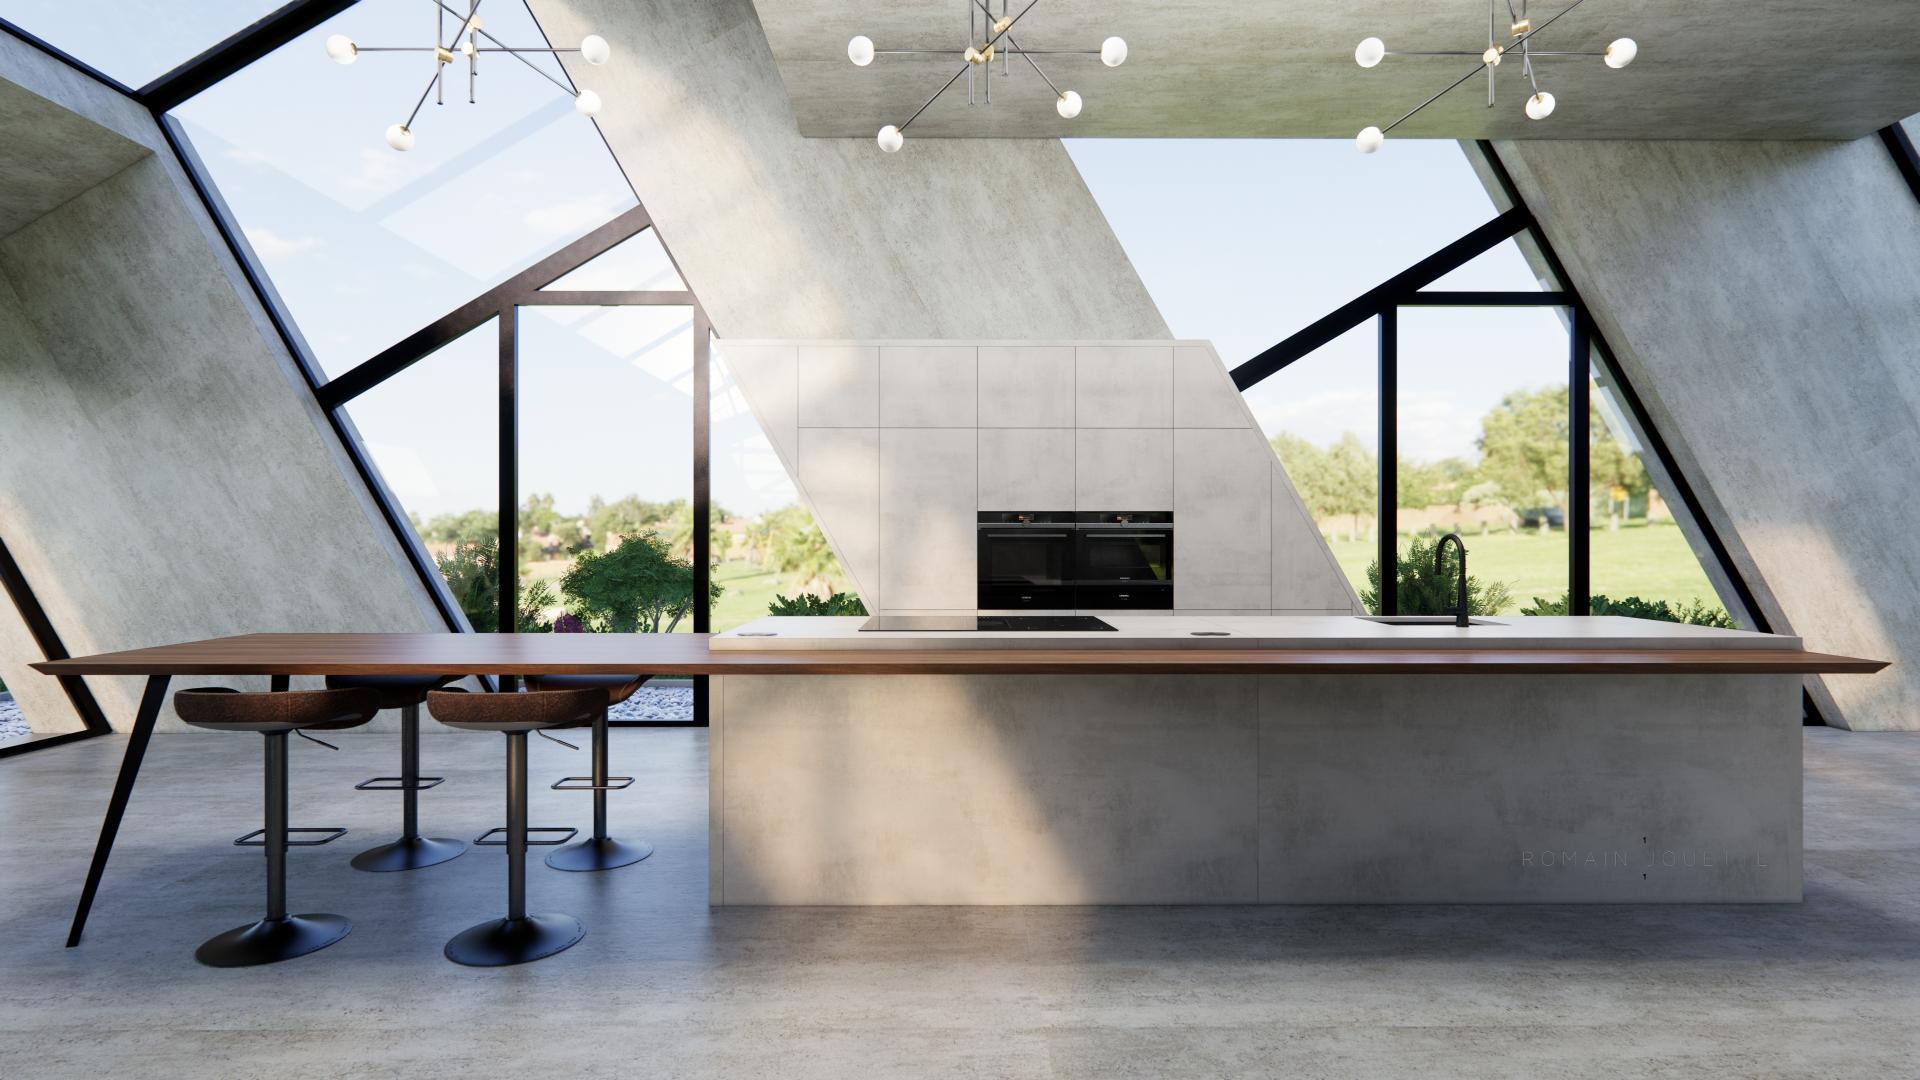 Cuisine loft ilot gris beton dekton et noyer